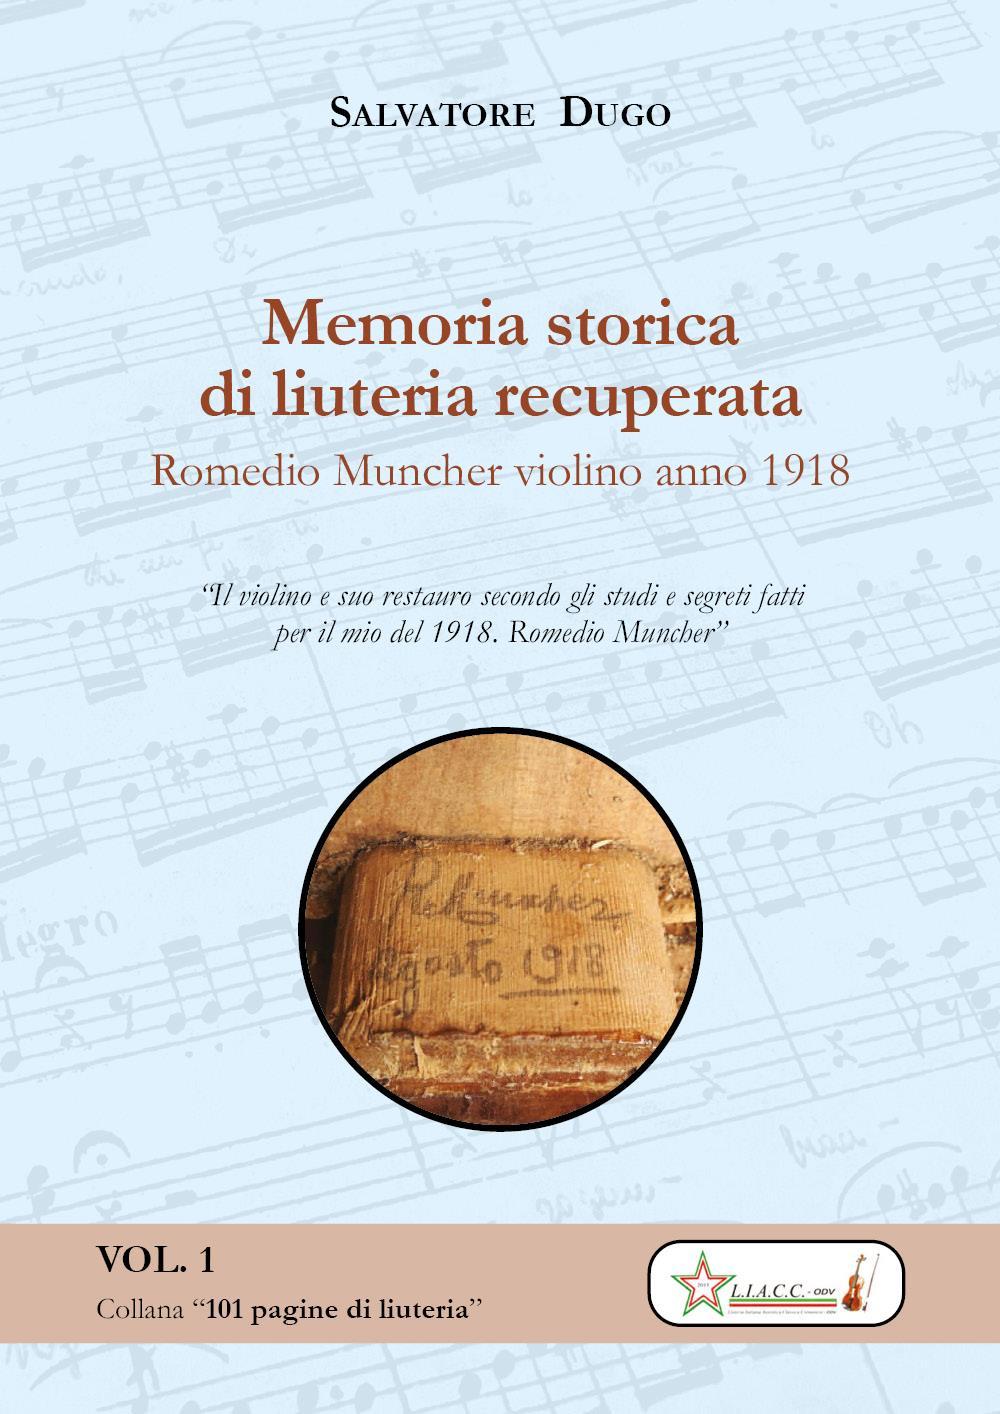 Memoria storica di liuteria recuperata. Romedio Muncher: violino 1918